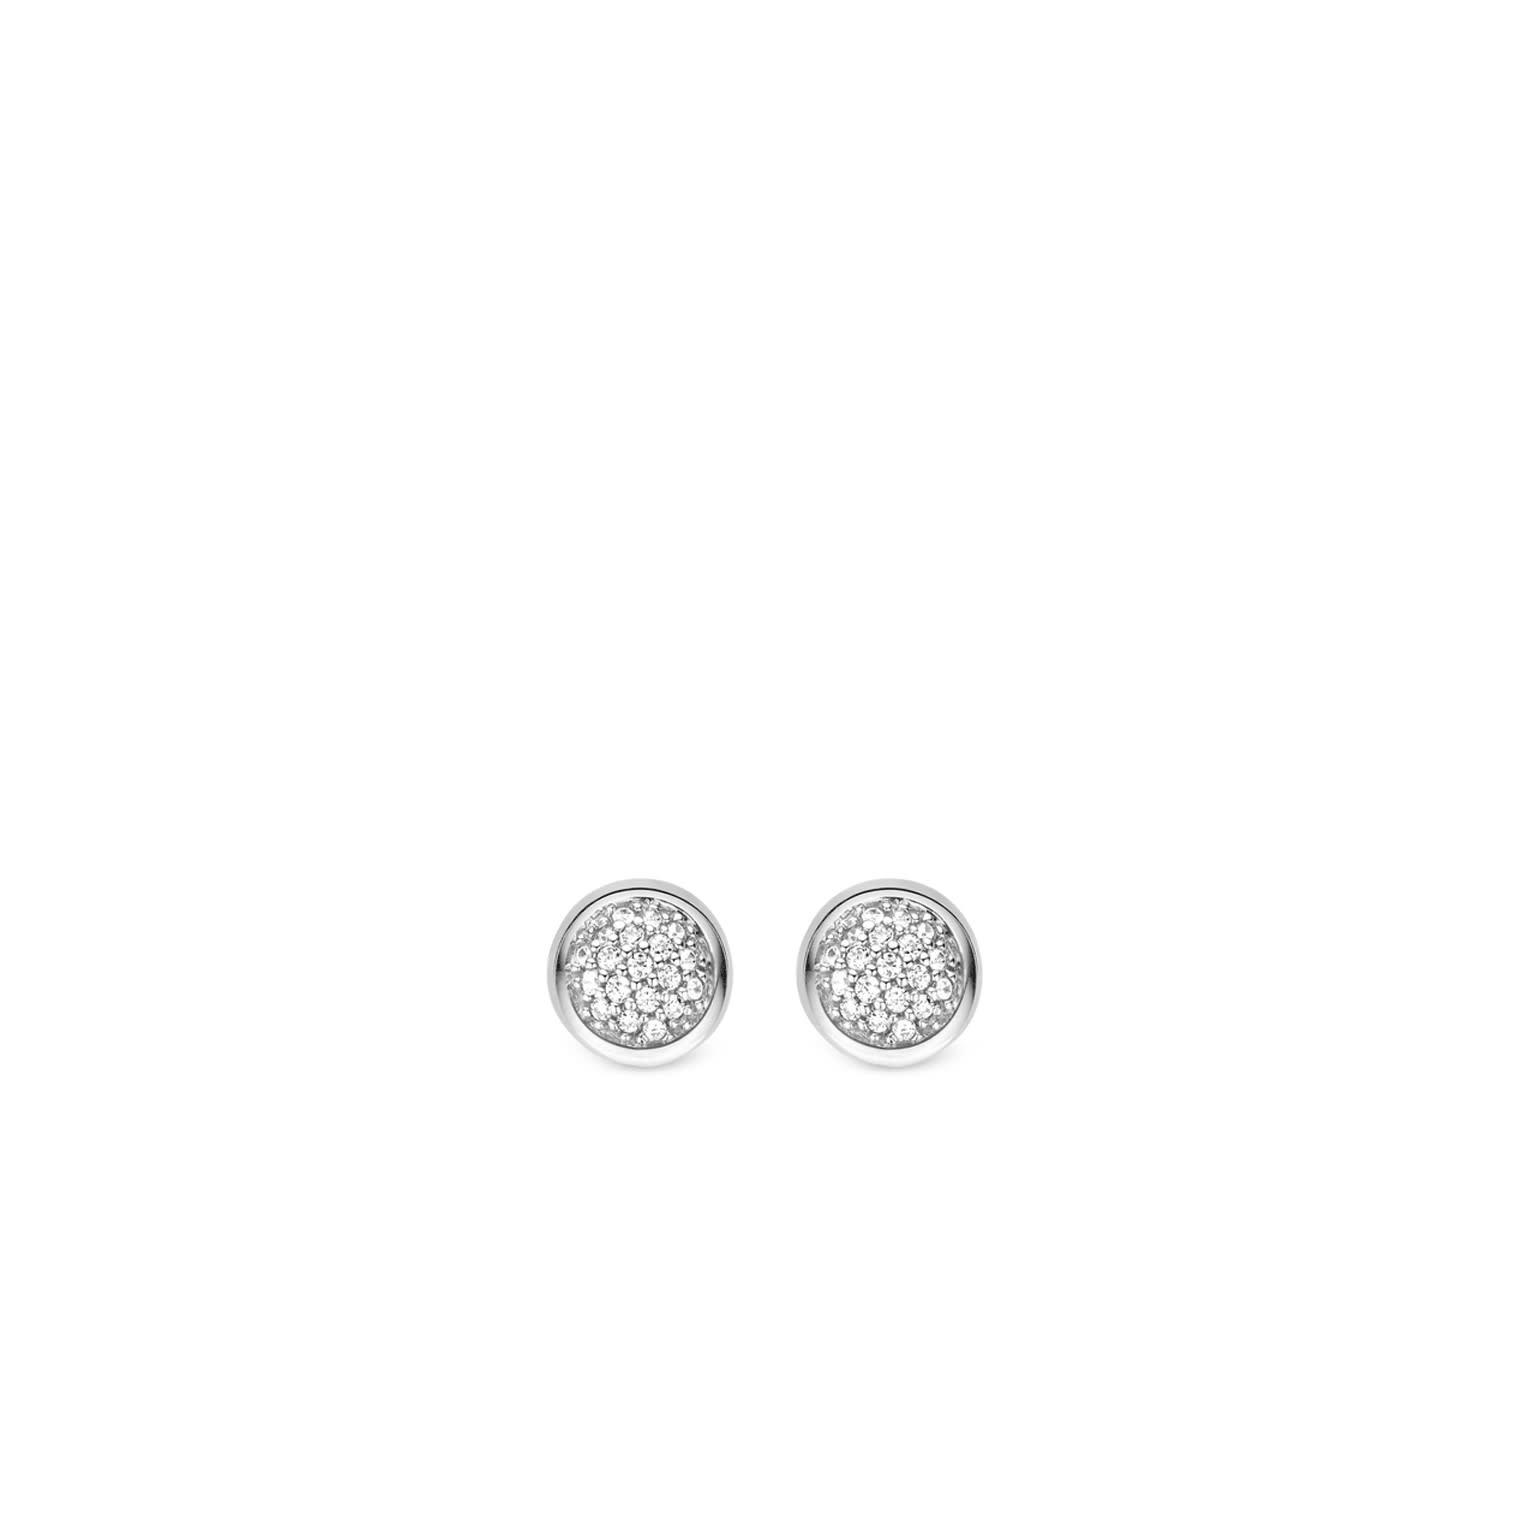 TI SENTO - Milano Earrings 7732ZI-1